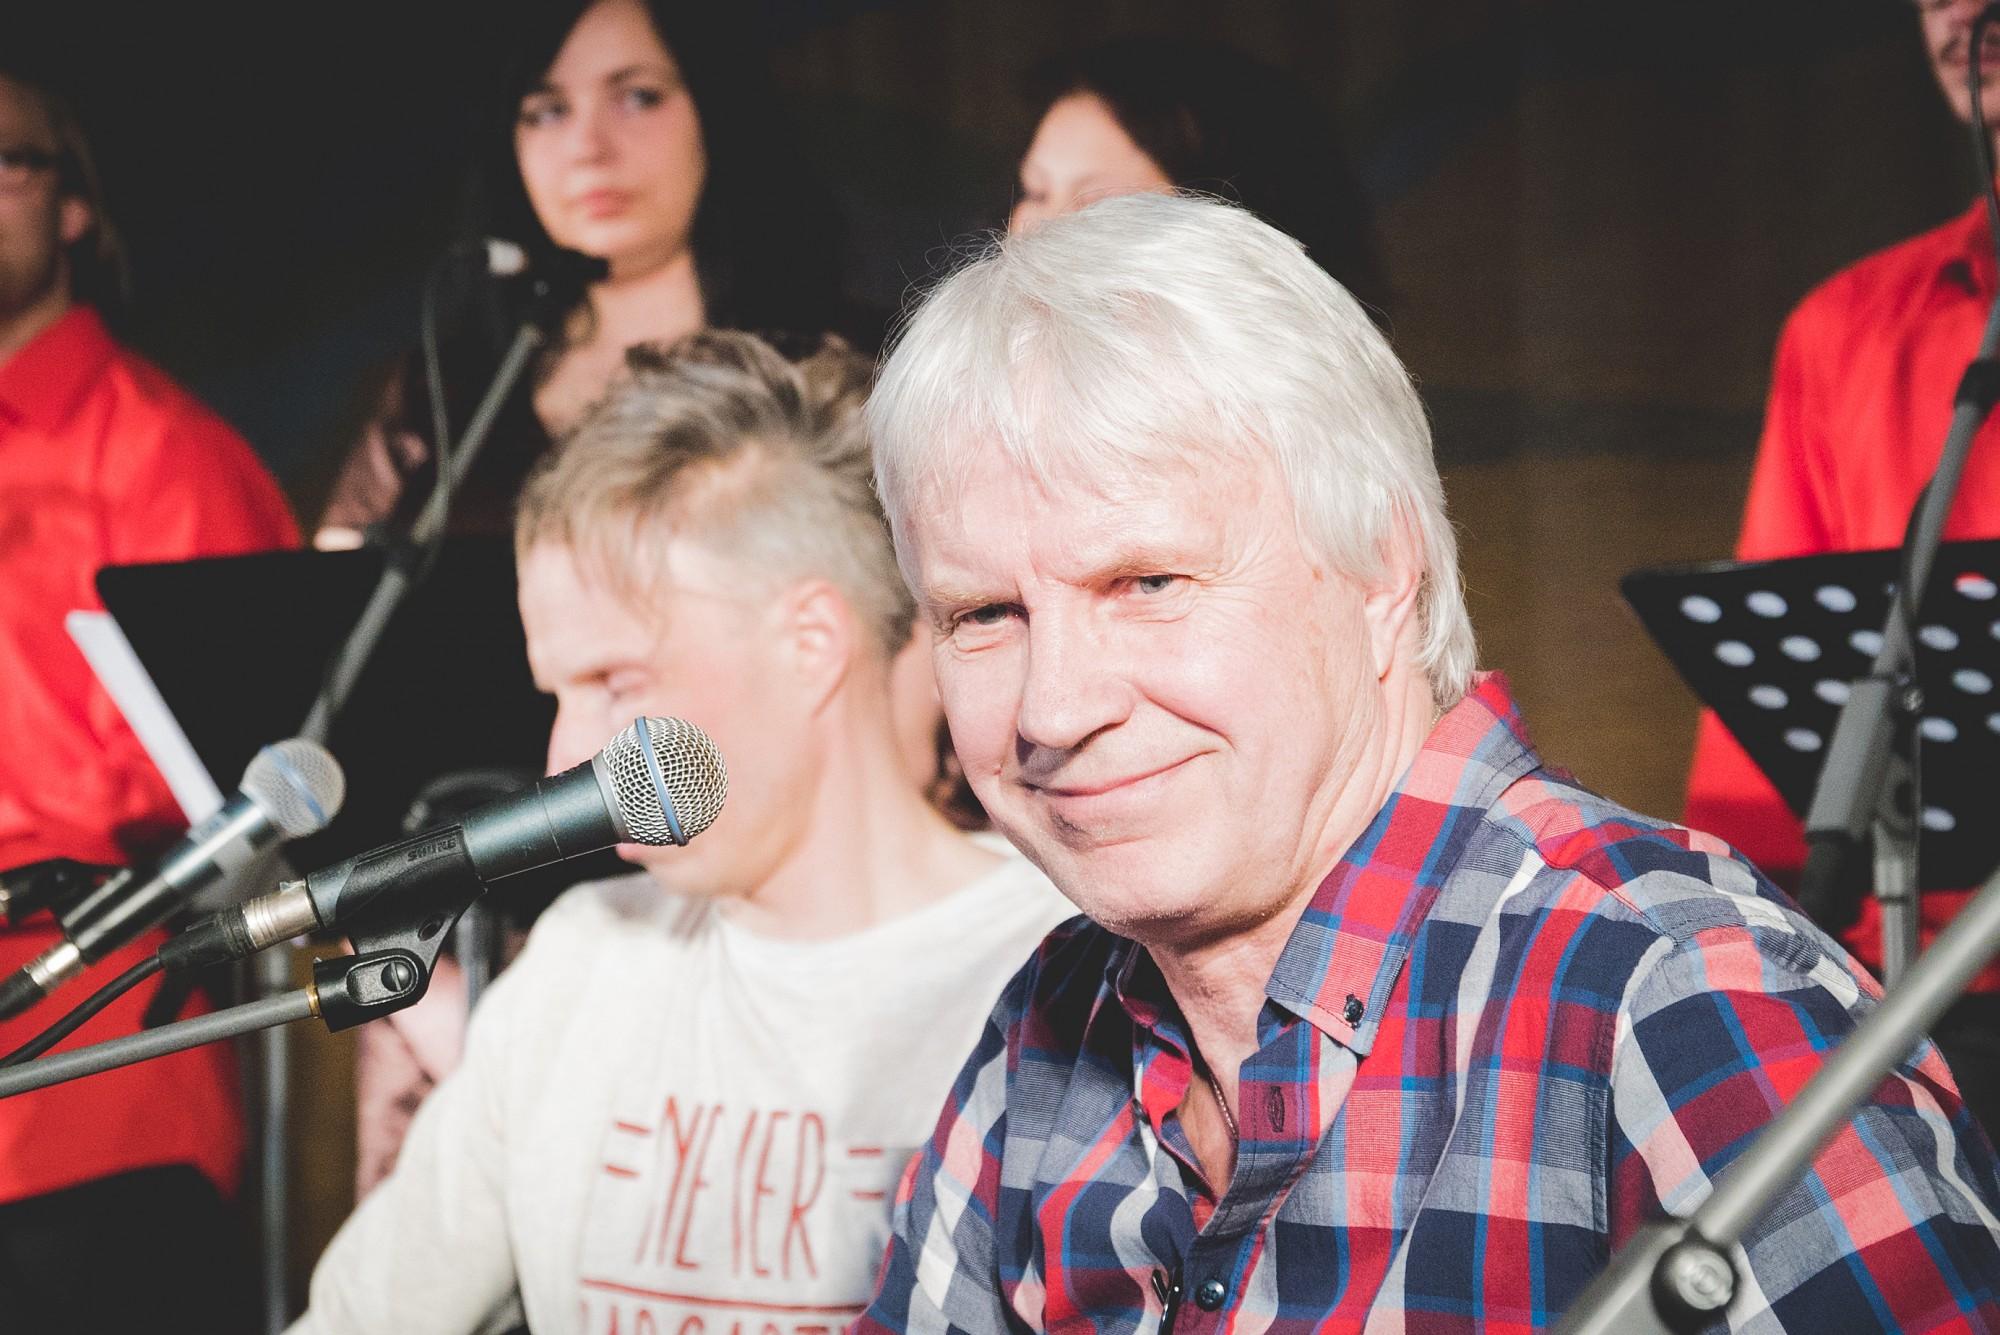 Izskanējis Jura Pavītola dziesmu nošu krājuma prezentācijas koncerts